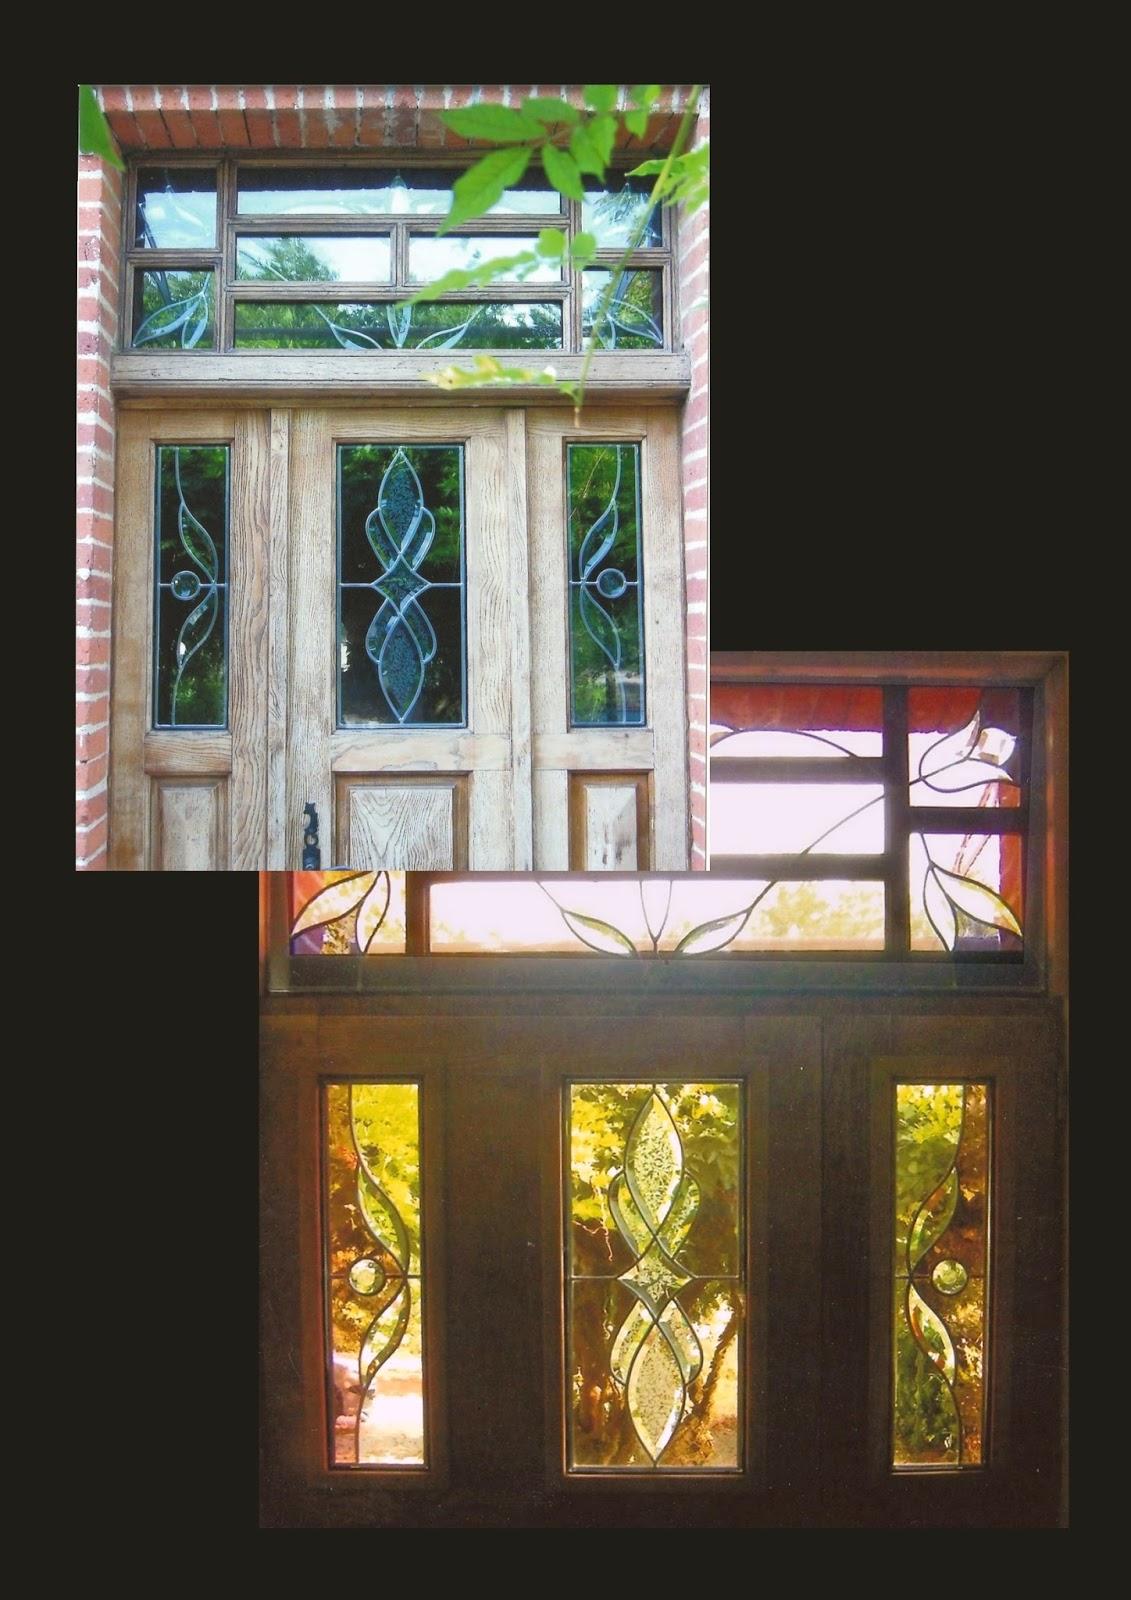 Atelier verrier de clermont vitrail verre fusionn stages vitrail porte d 39 entr e double vitrage - Porte d entree avec vitrail ...